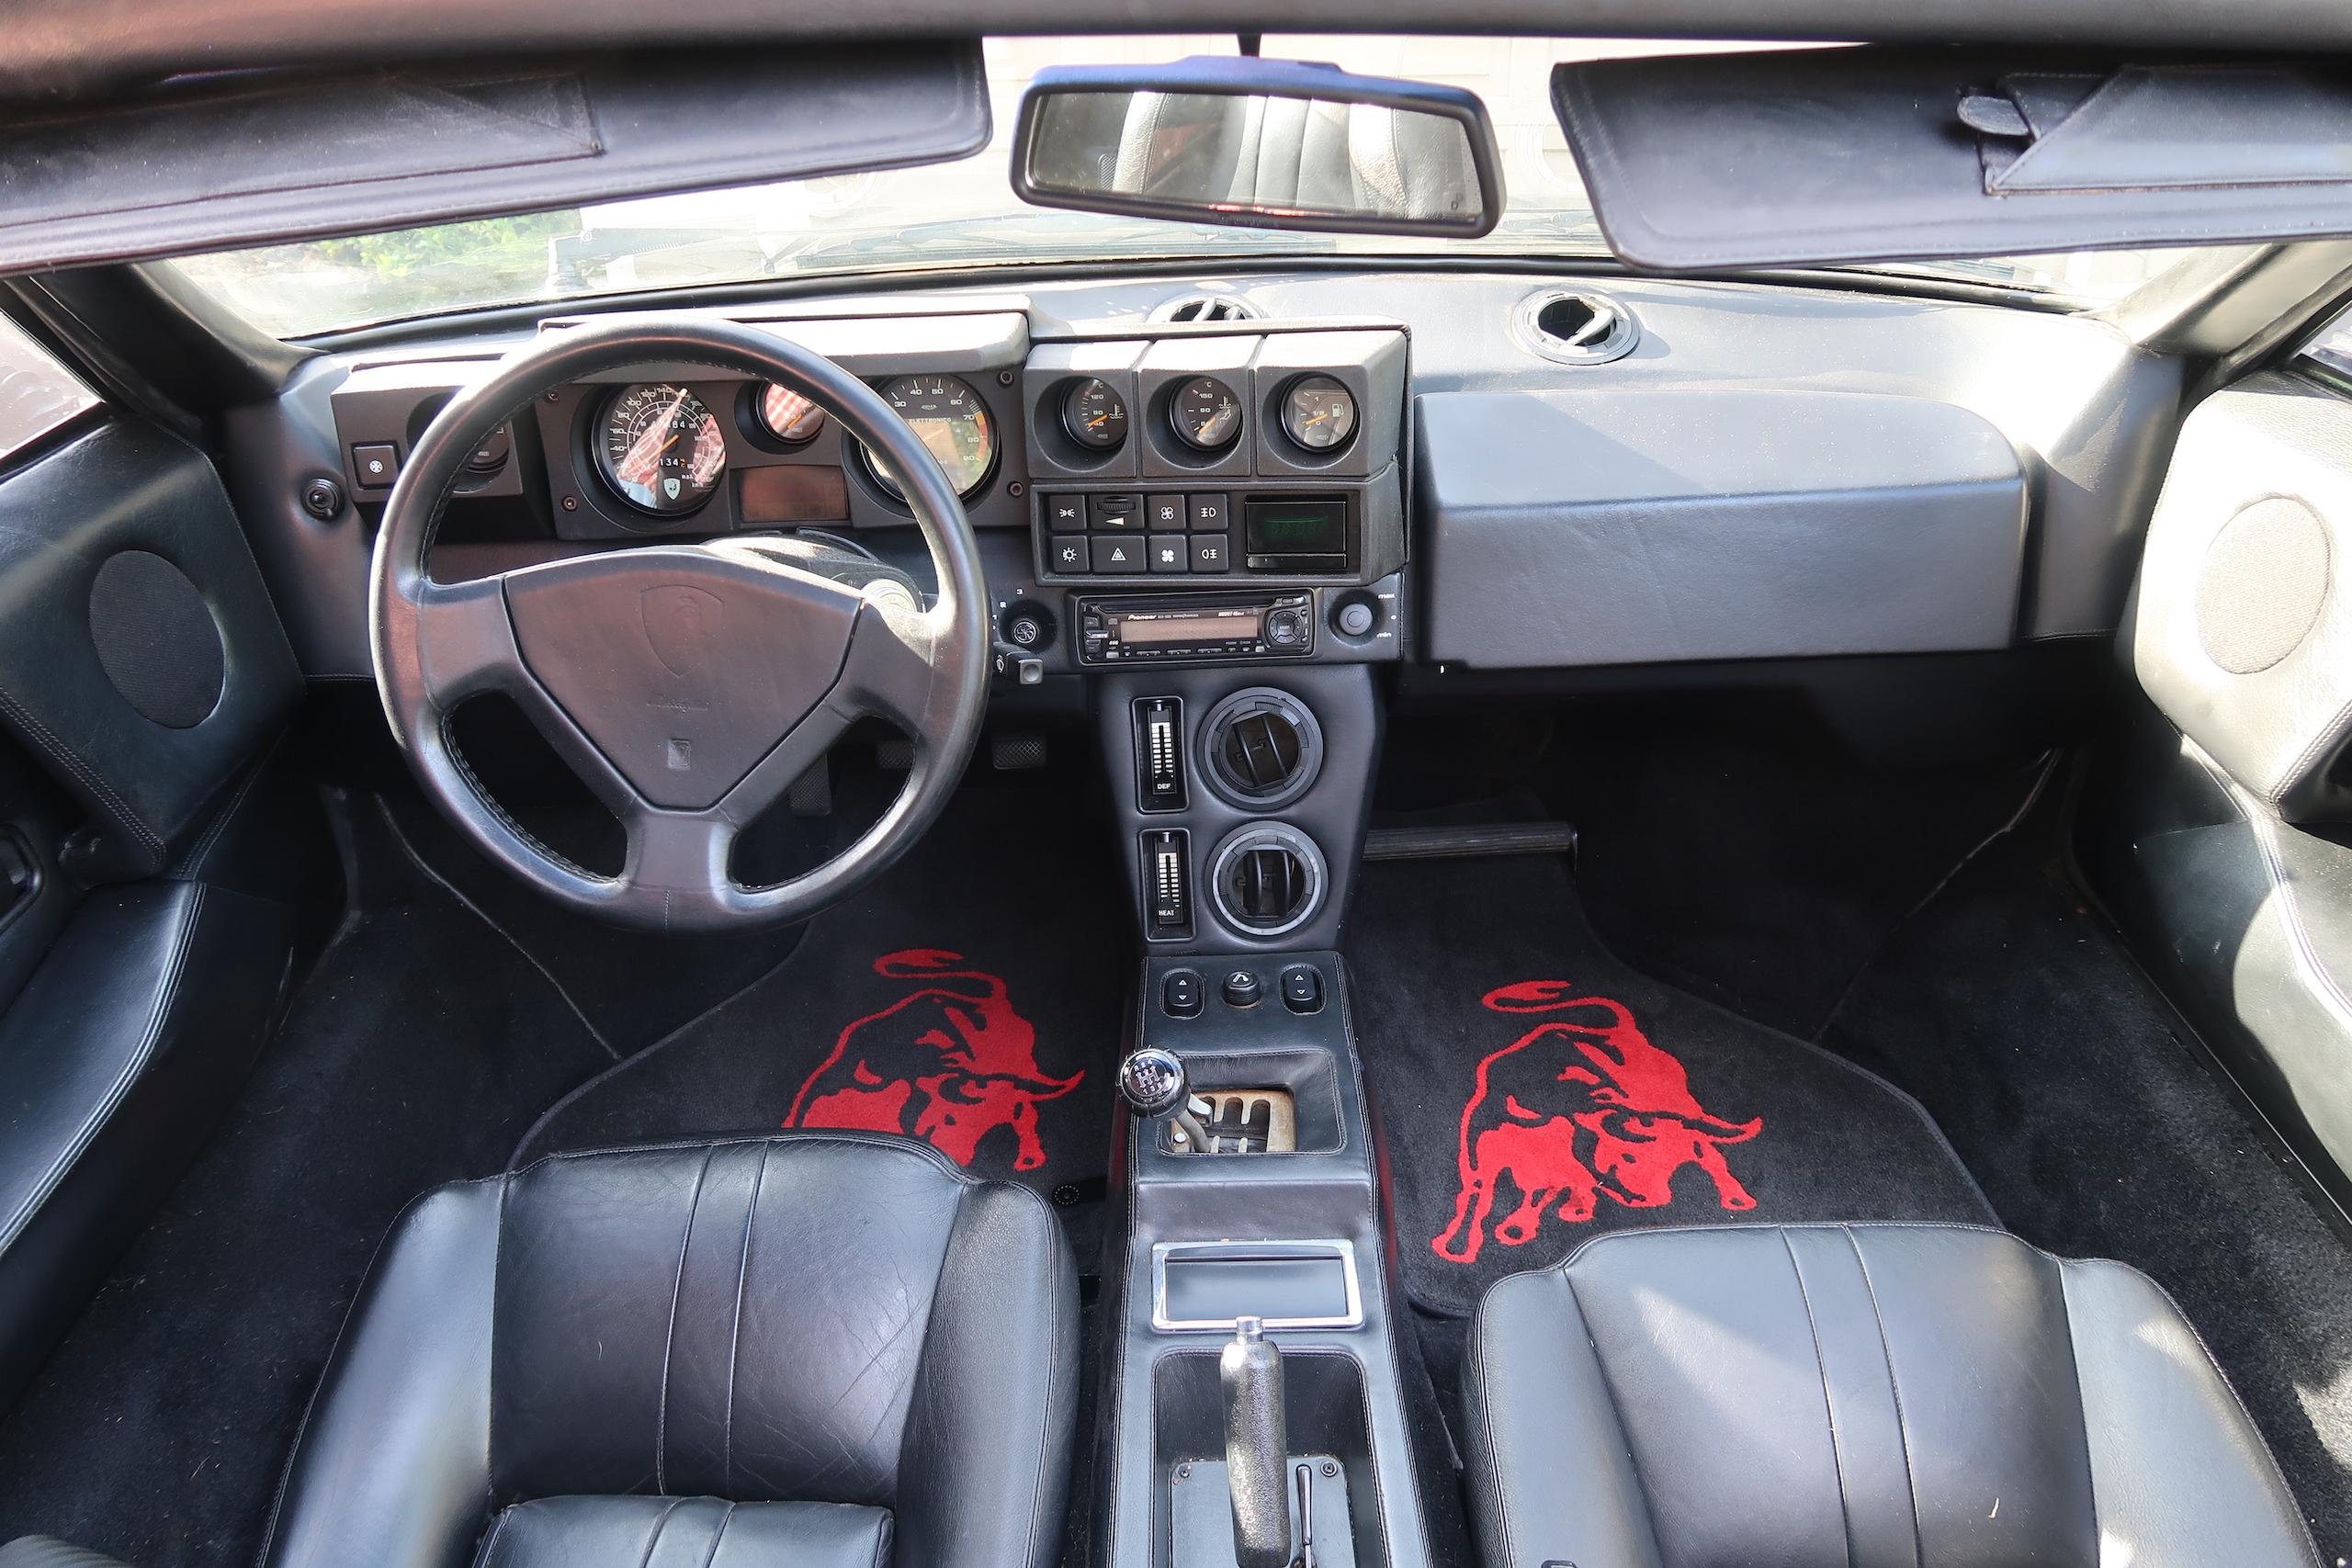 1986 Lamborghini Jalpa interior